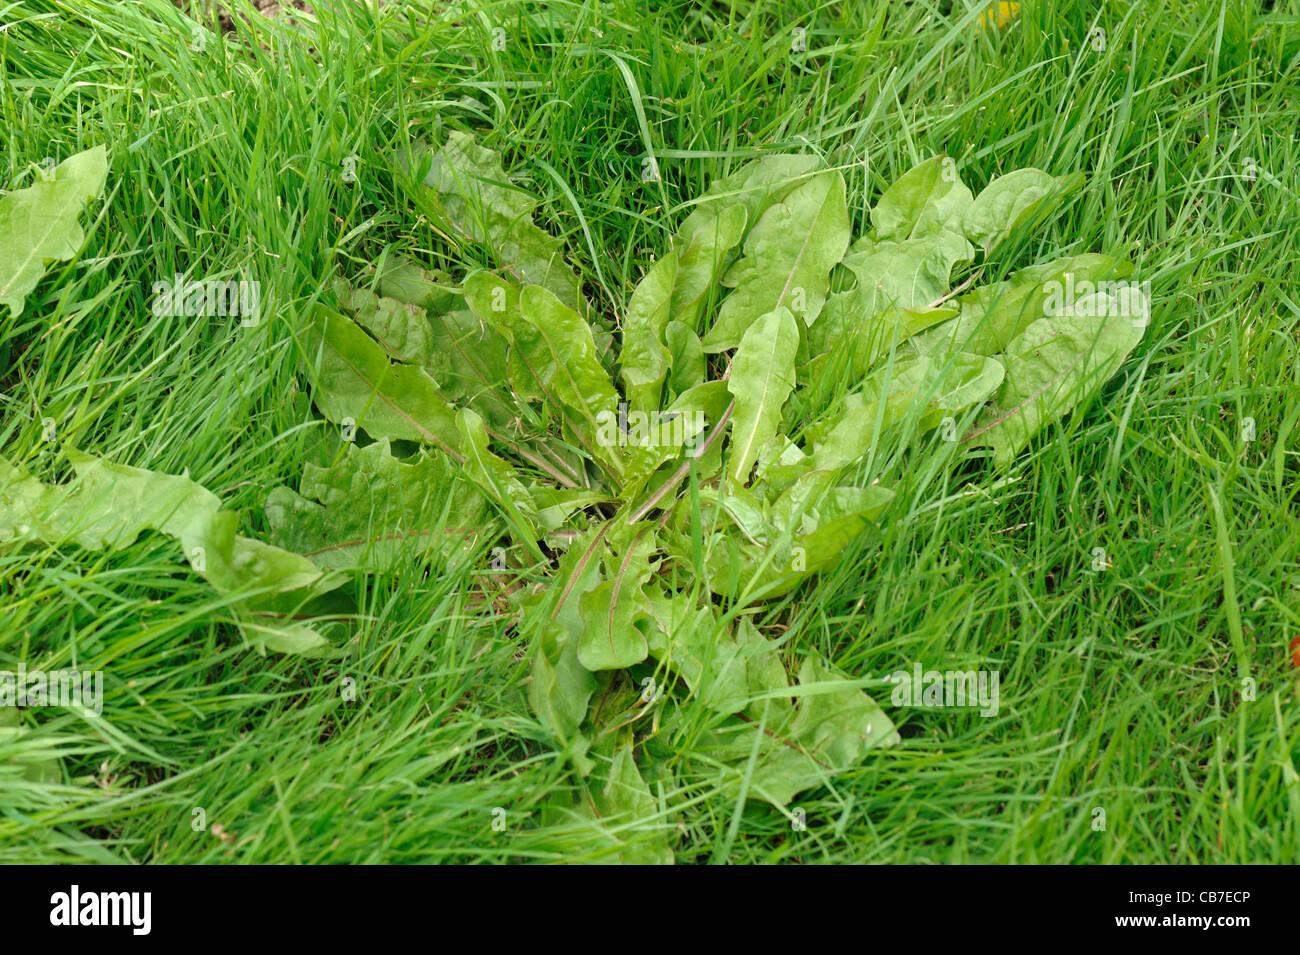 Dandelion (Taraxacum officinale) leaf rosette in pastureland - Stock Image